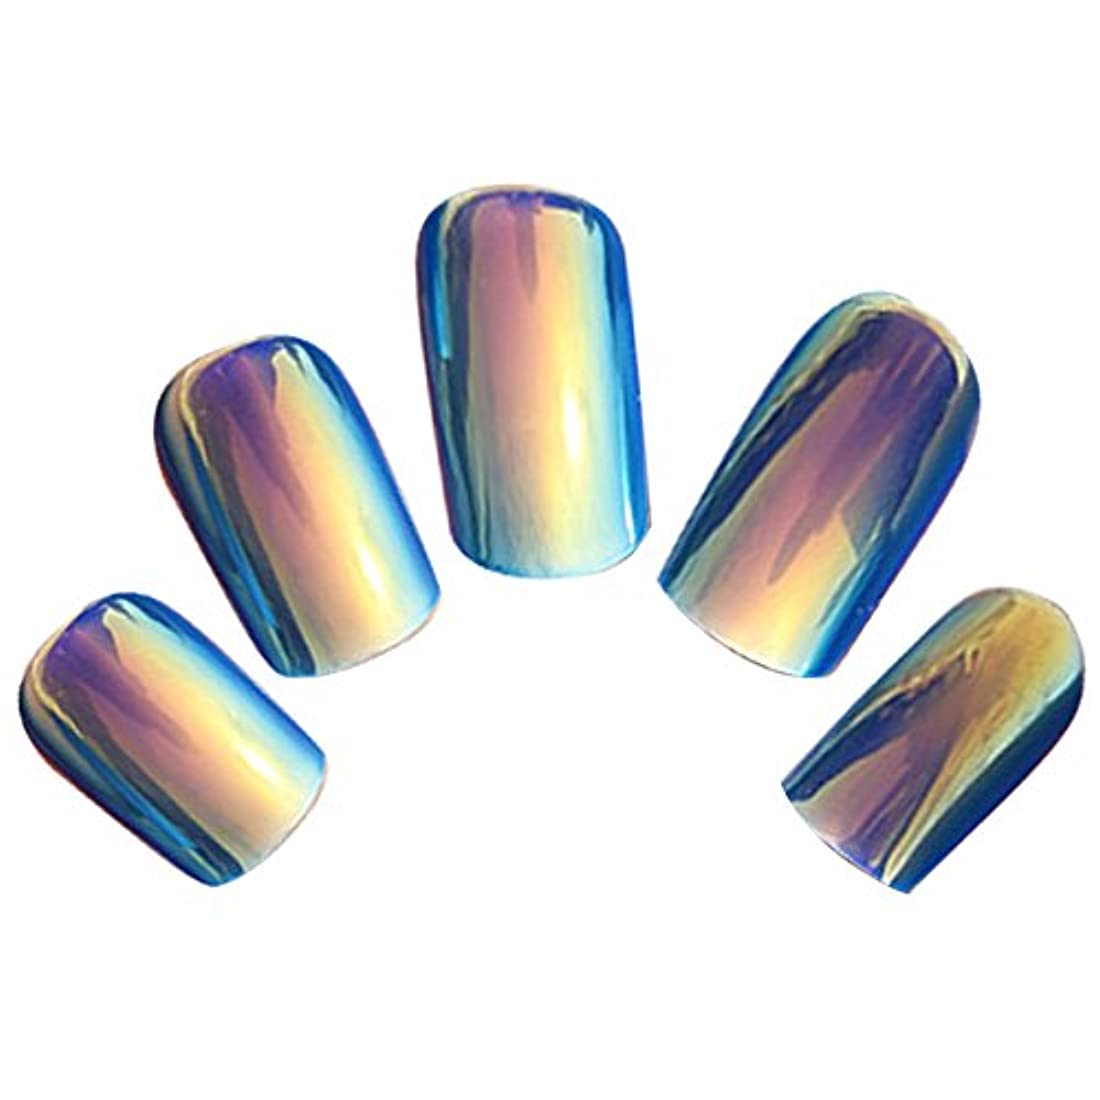 外交官賄賂公爵夫人ゴシレ Gosear 24 個 12 サイズ ネイルチップ 人工偽爪のヒント 青色